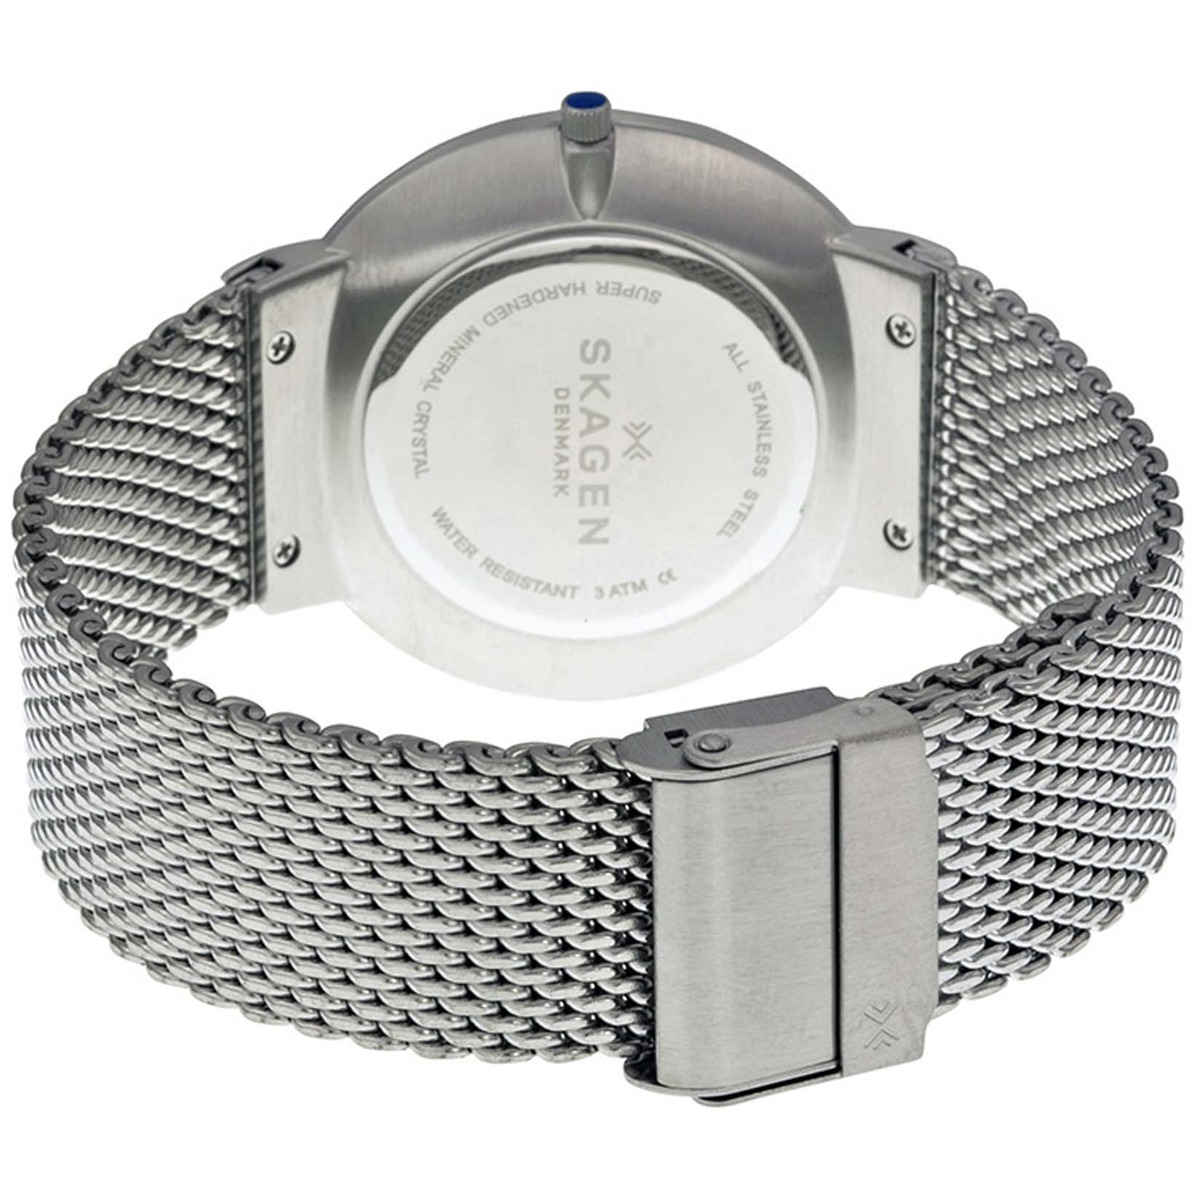 baab88dc41745 Relógio Skagen Masculino Slim Analógico Skw6163 z - R  1.153,95 em ...